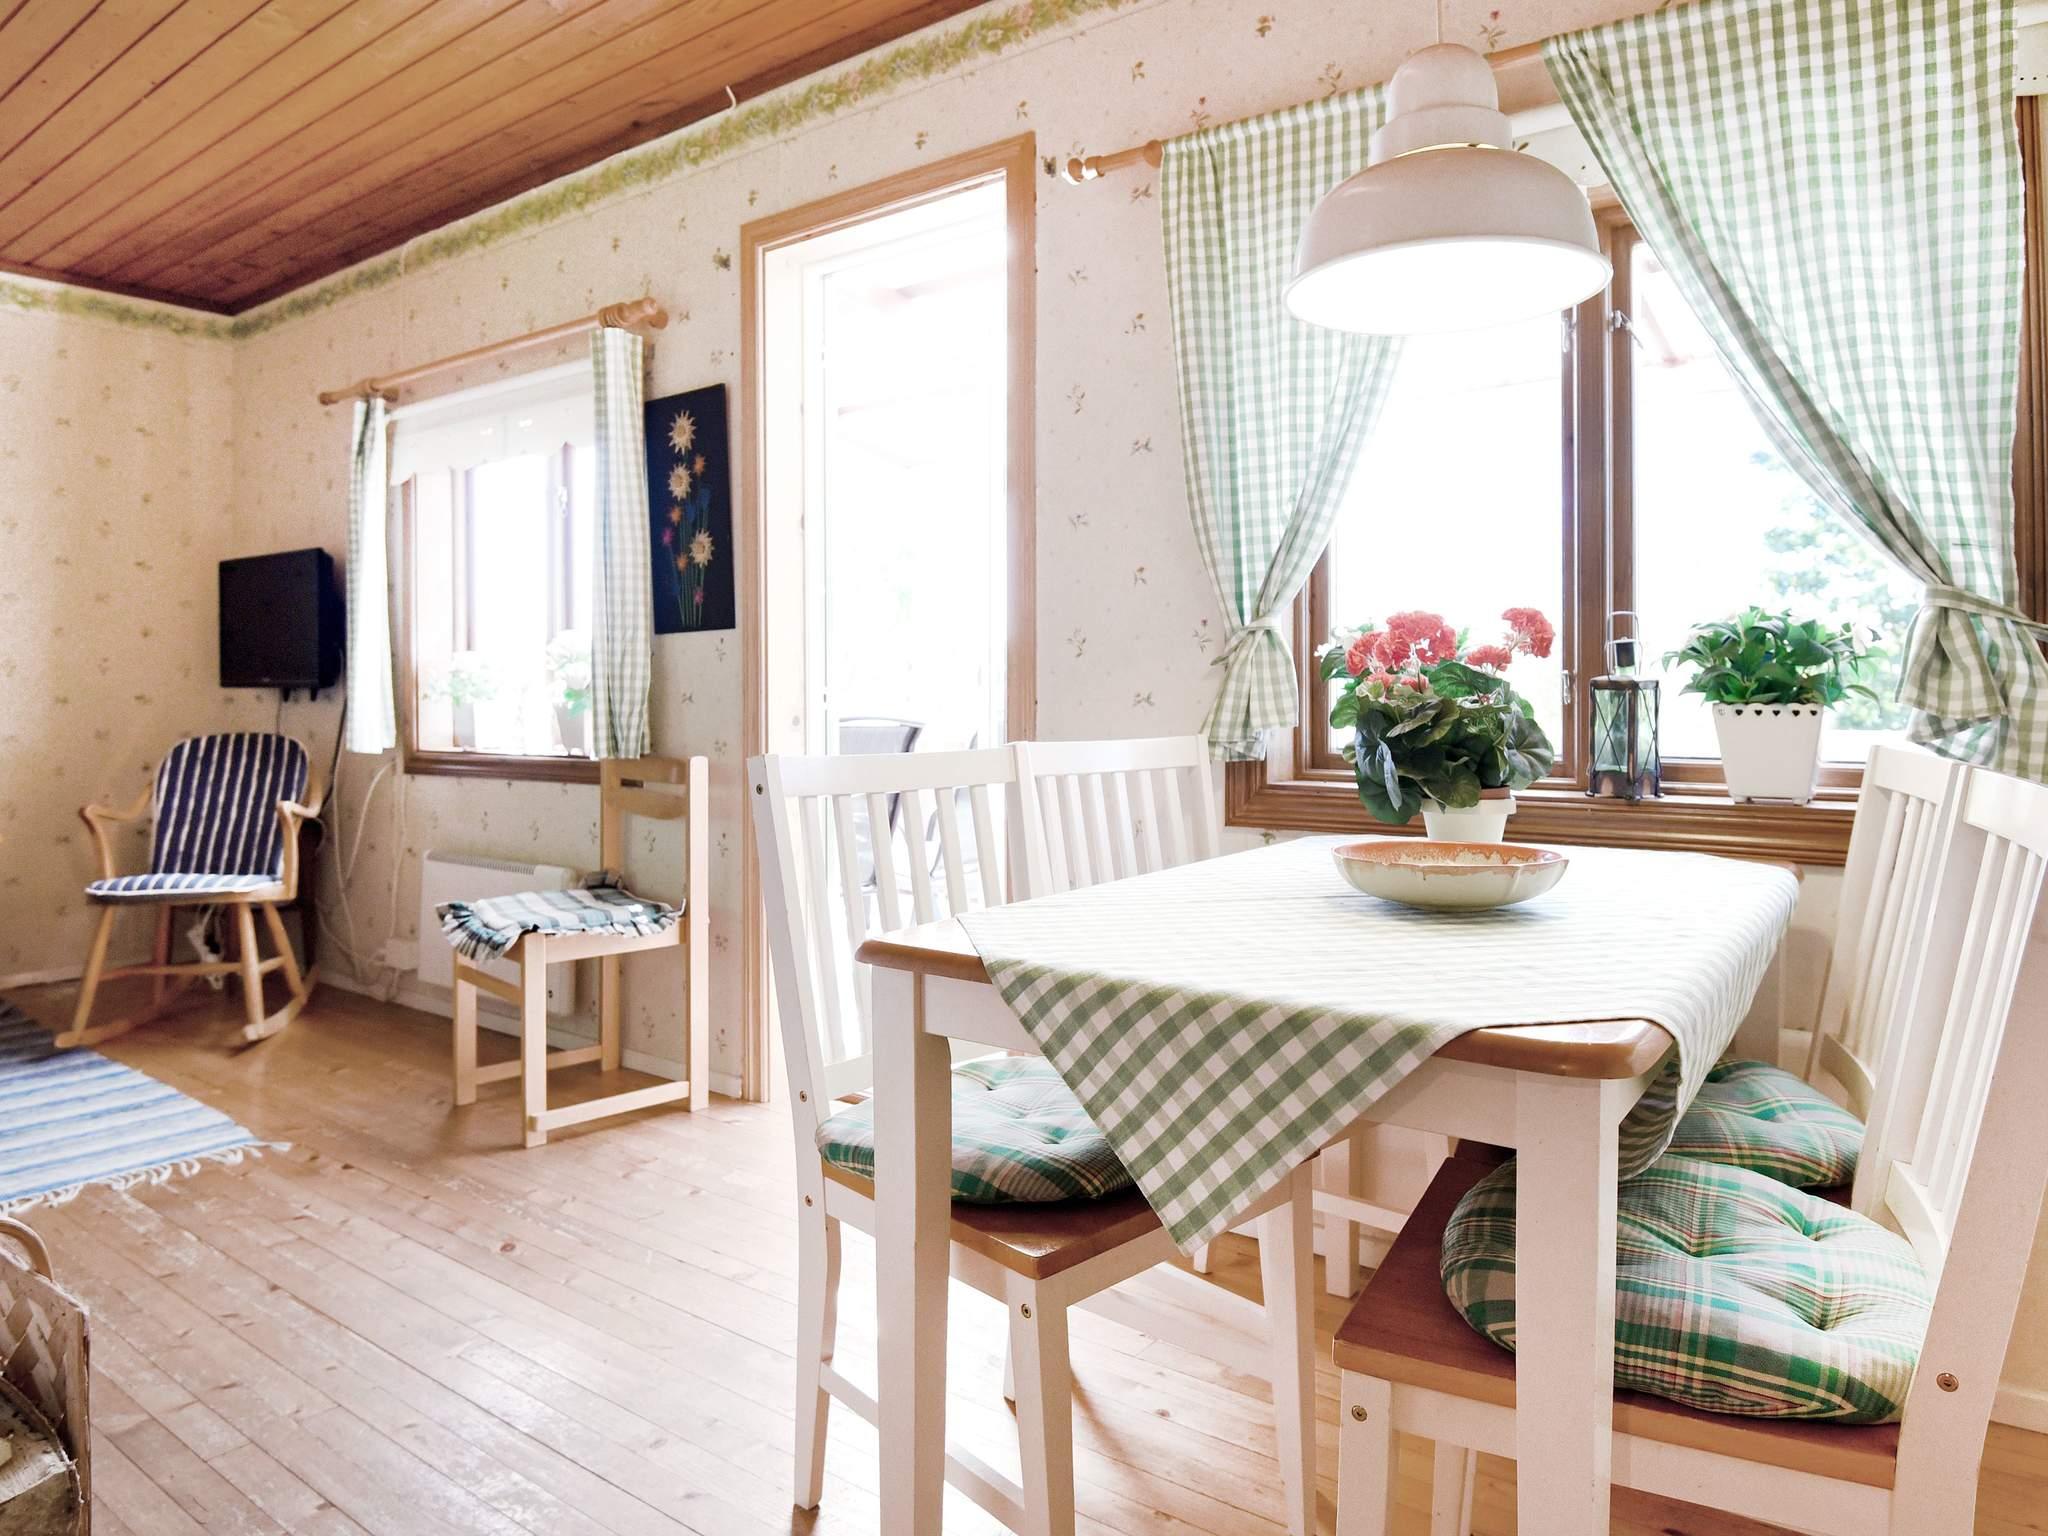 Ferienhaus Hagfors (87161), Sunnemo, Värmlands län, Mittelschweden, Schweden, Bild 3